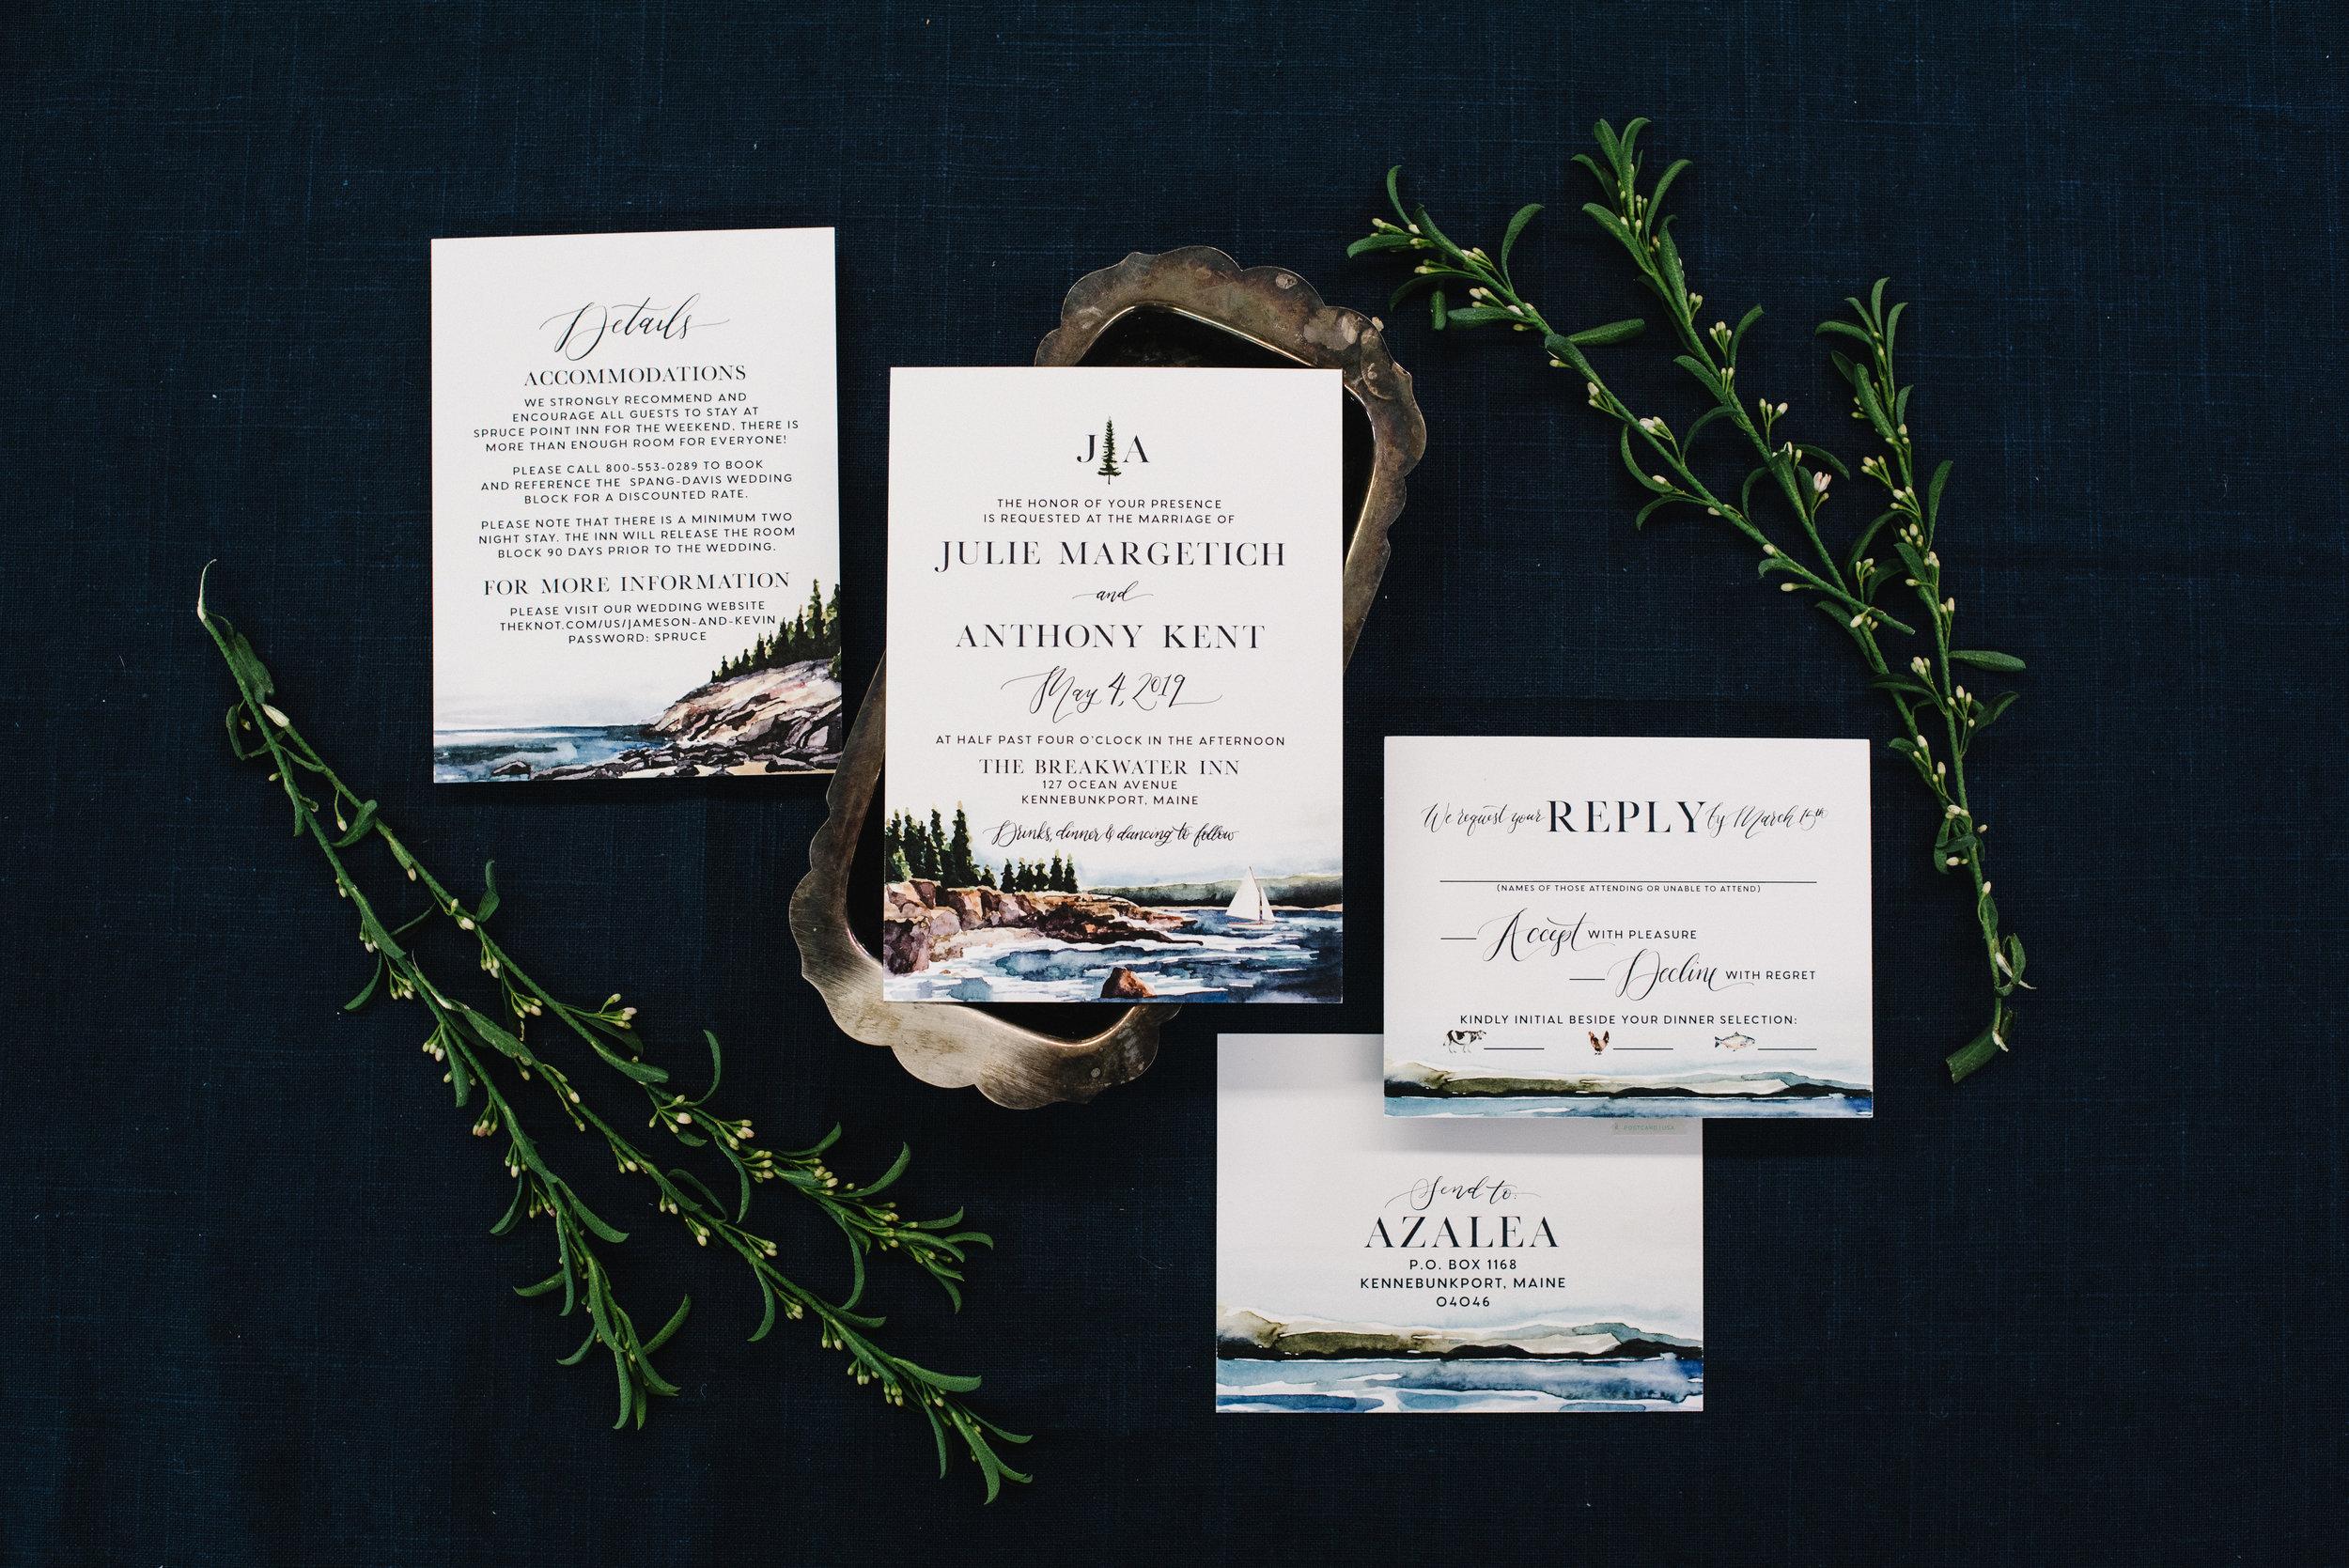 MAINE ROCKY SHORELINE WATERCOLOR WEDDING INVITATIONS